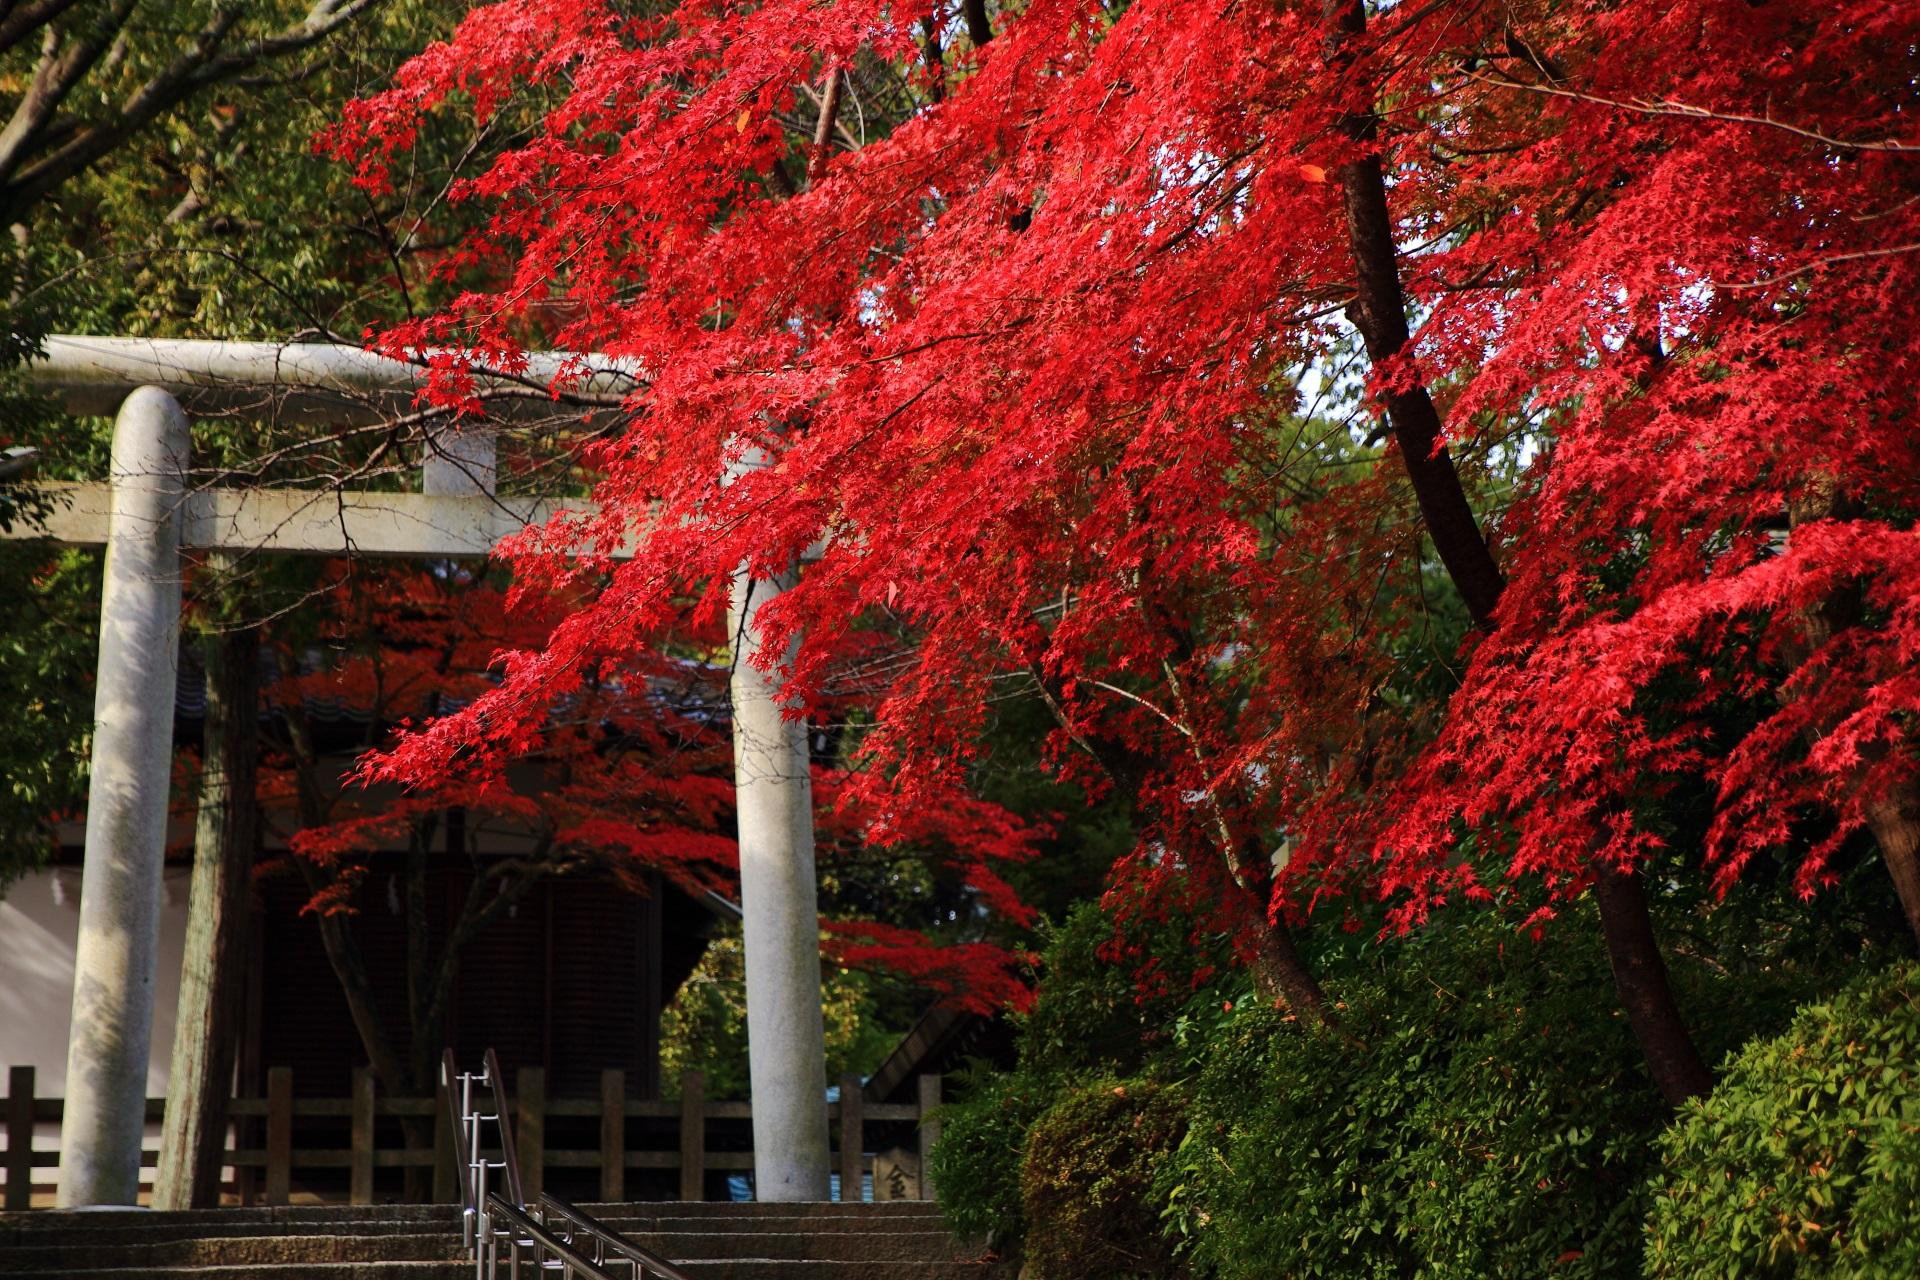 石の鳥居に映える美しい真っ赤な紅葉